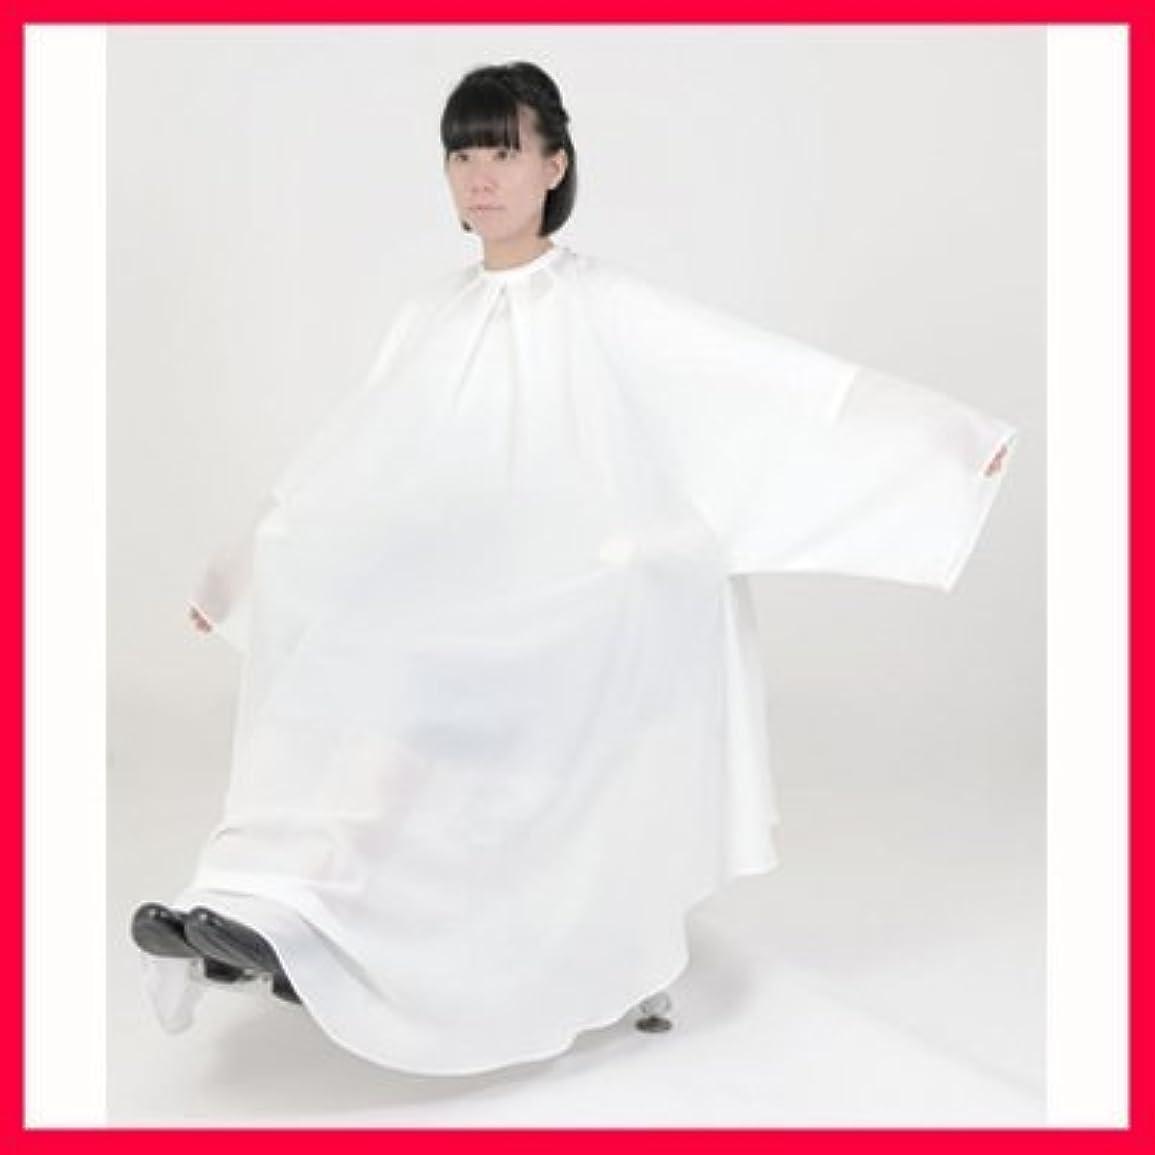 散らすクルーズ遵守するエクセル 8112 ビッグドレス(カット)ホワイト